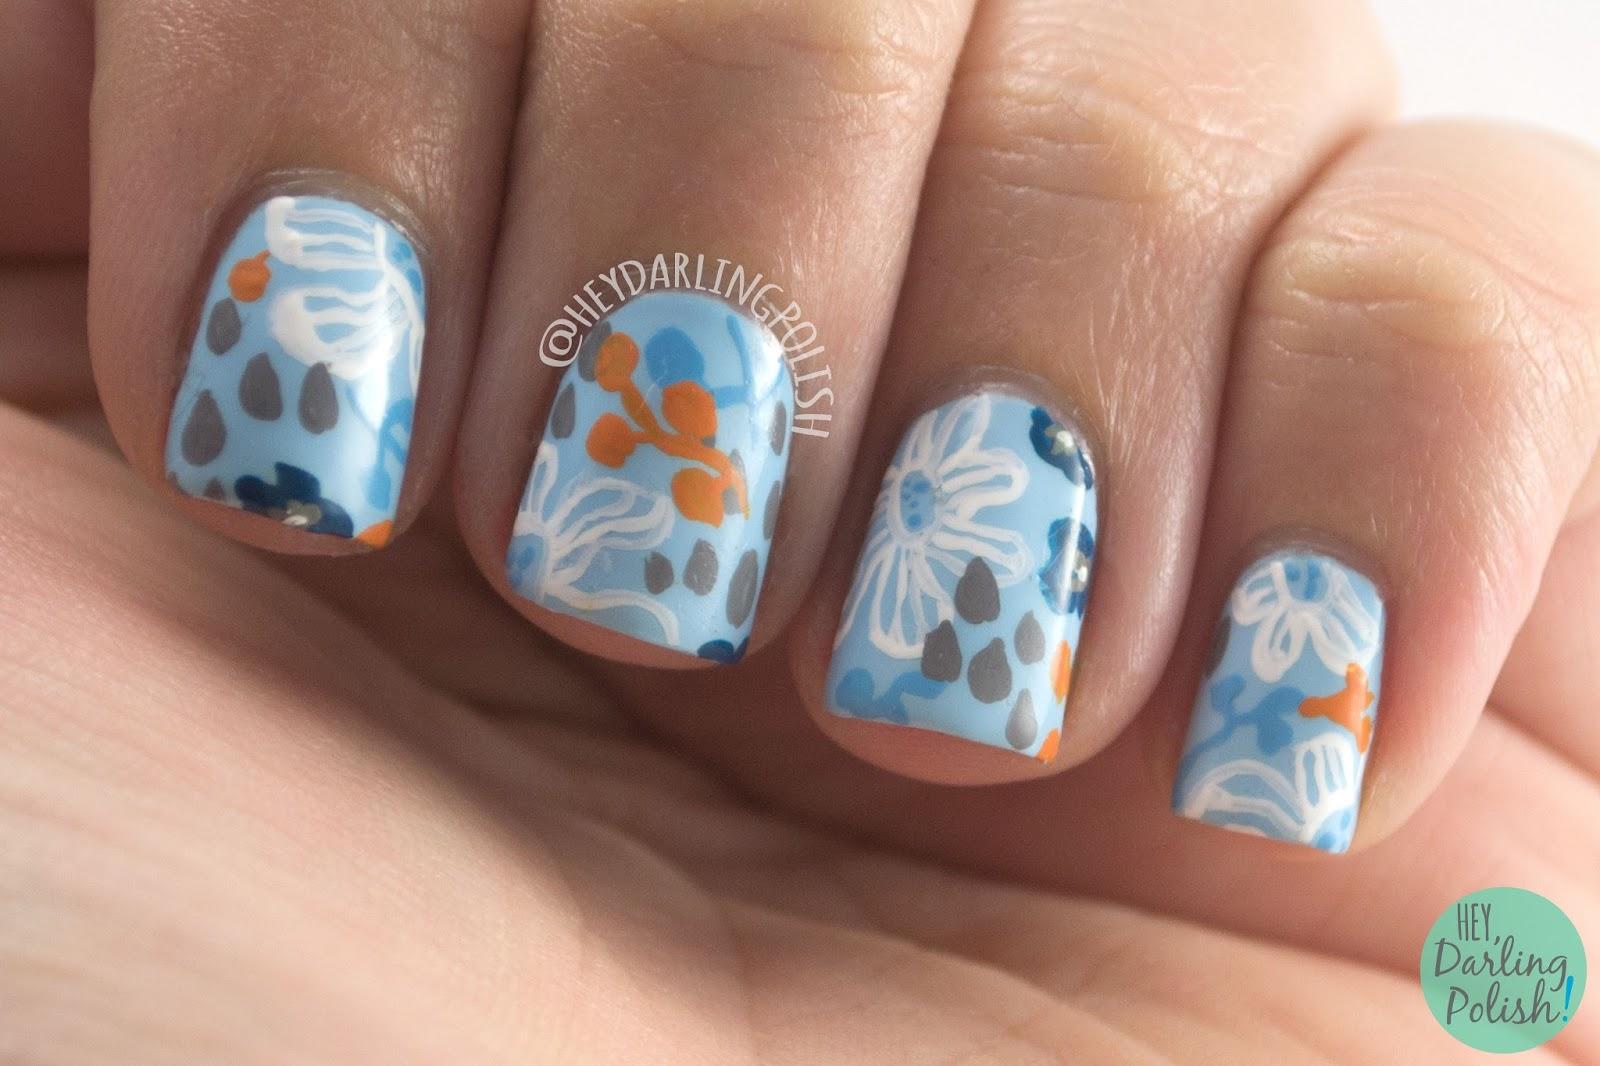 nails, nail art, nail polish, freehand, guest post, hey darling polish, pattern, floral, blue